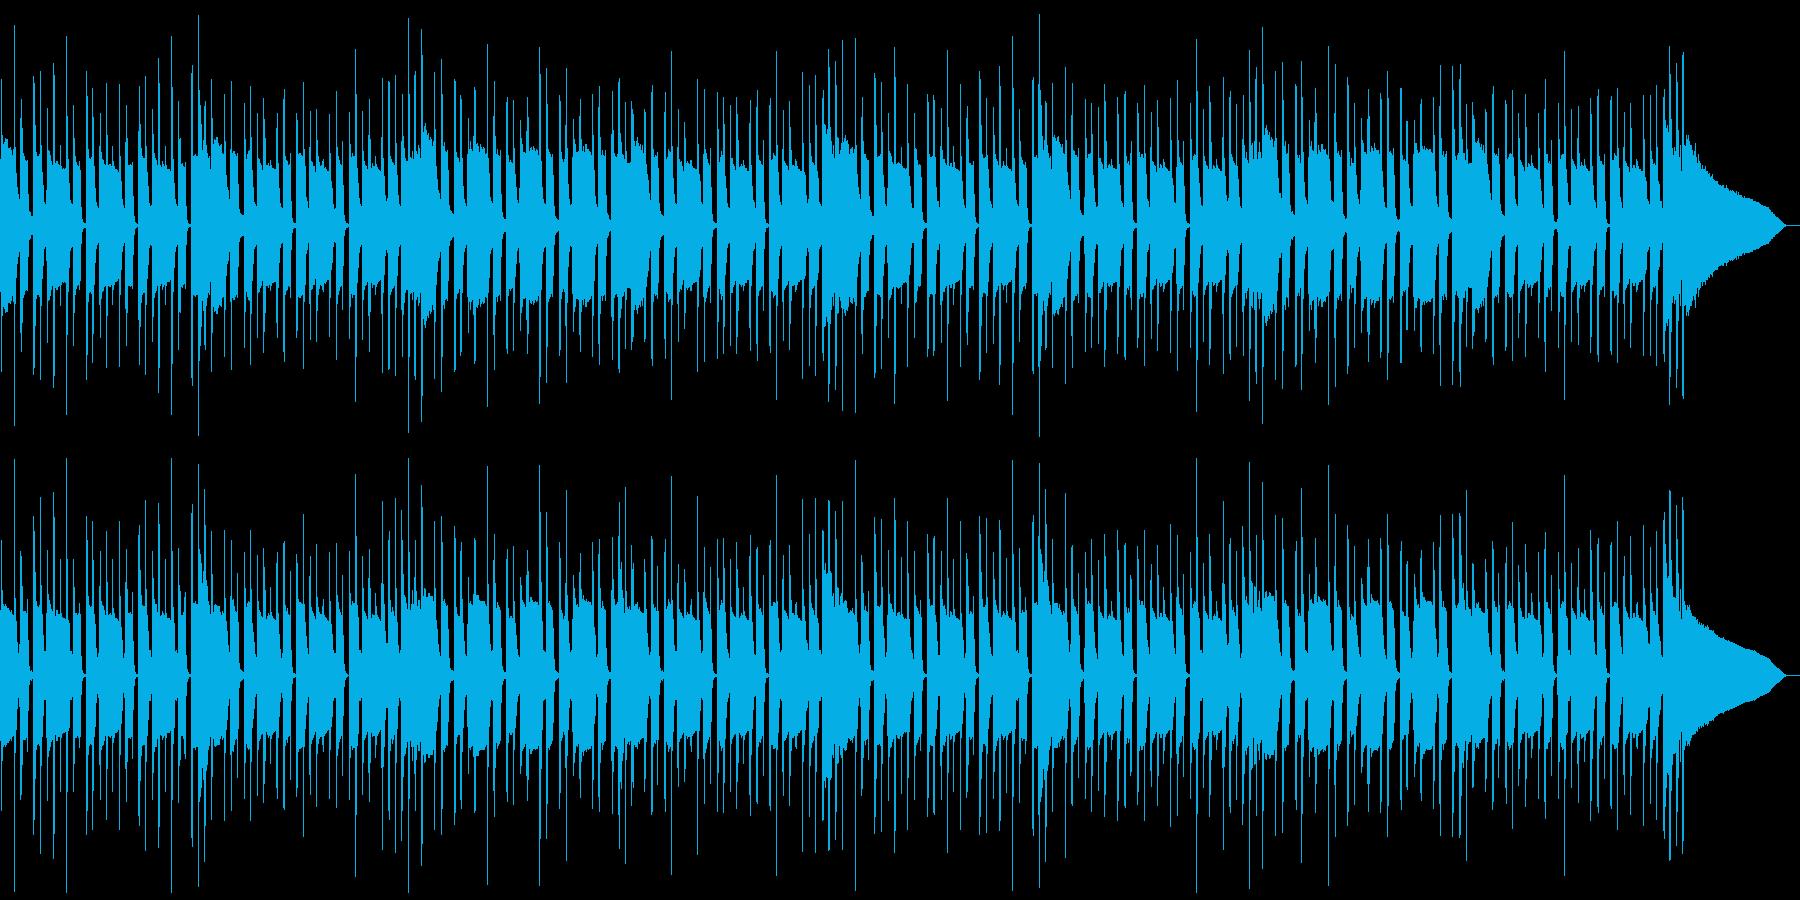 音数の少ないマッタリとしたBGMの再生済みの波形